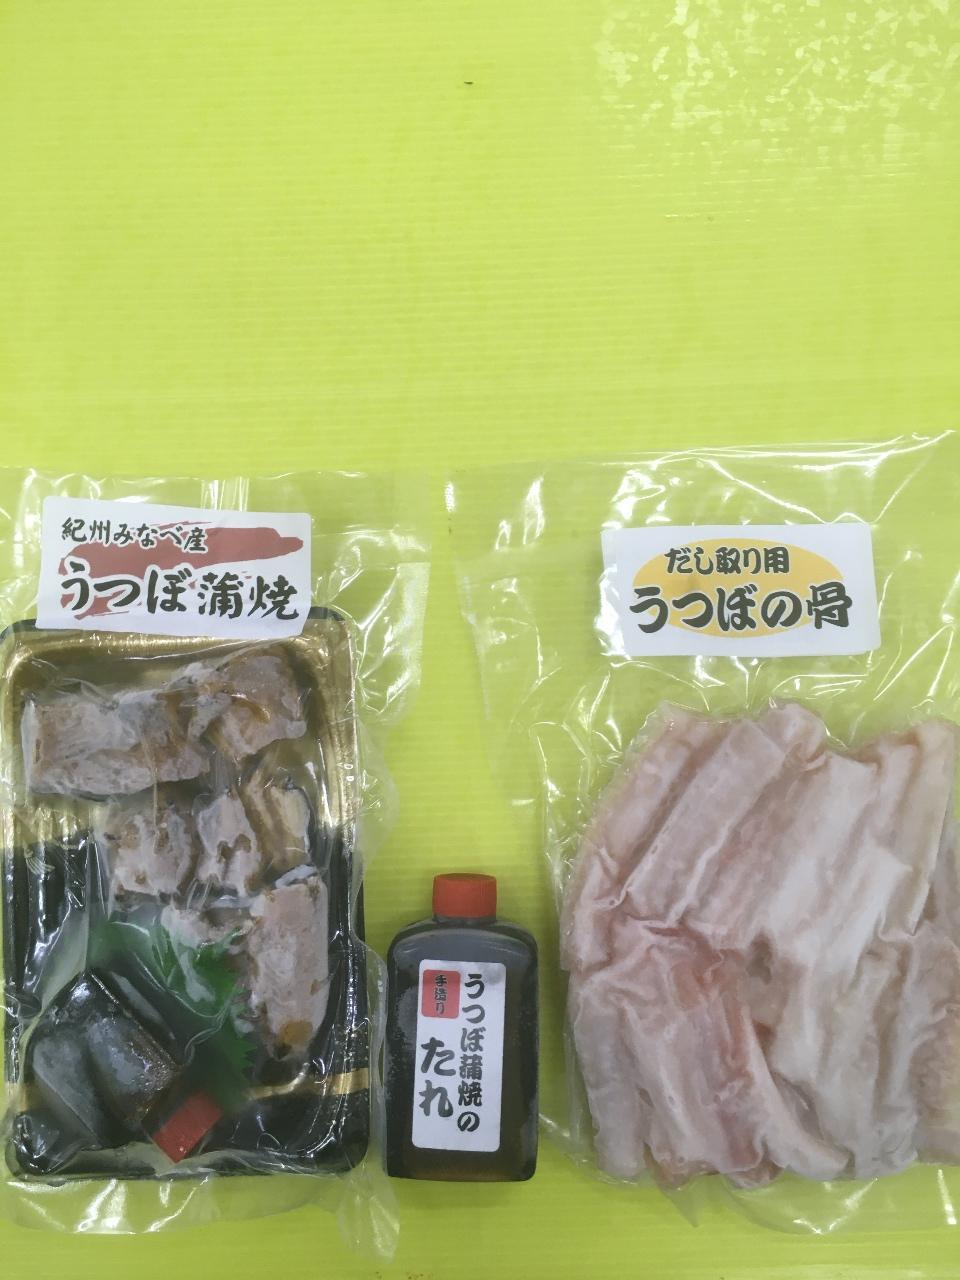 魚の骨から出汁を取って、お味噌汁やお鍋料理作ったことがありますか?ウツボの骨は、とてもよい風味を醸し出してくれます。